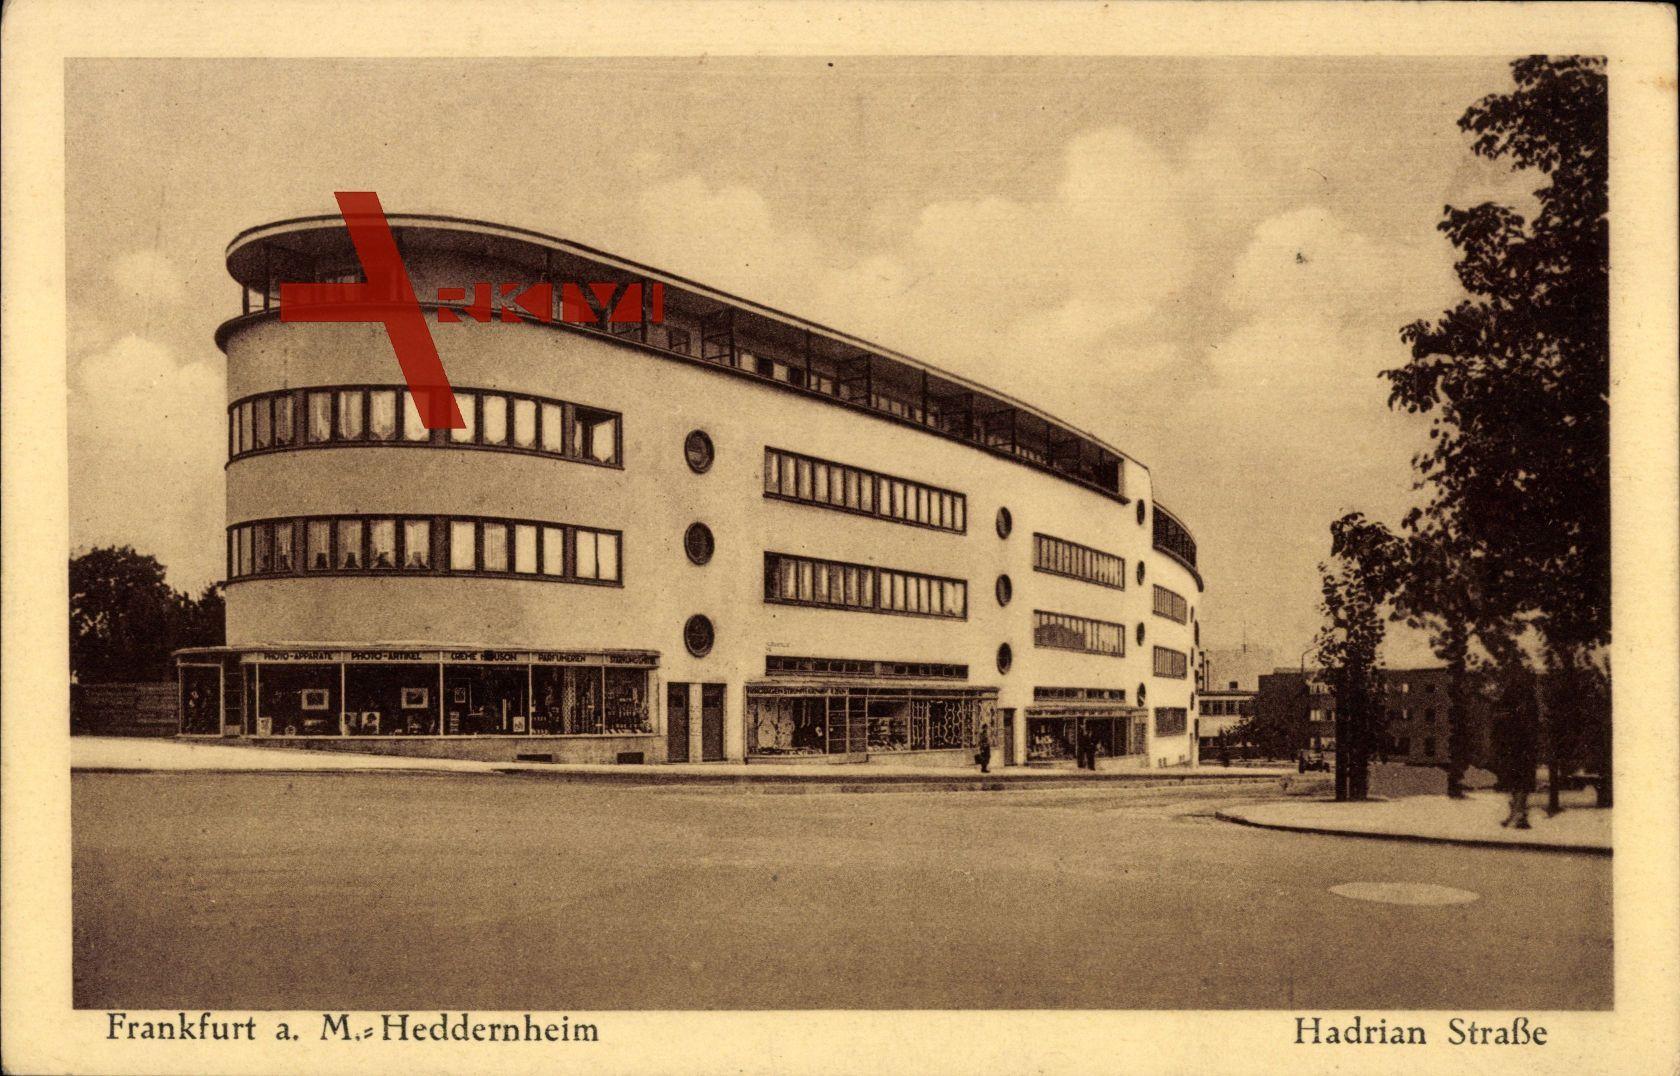 Frankfurt am Main, Das Heddernheim in der Hadrian Straße